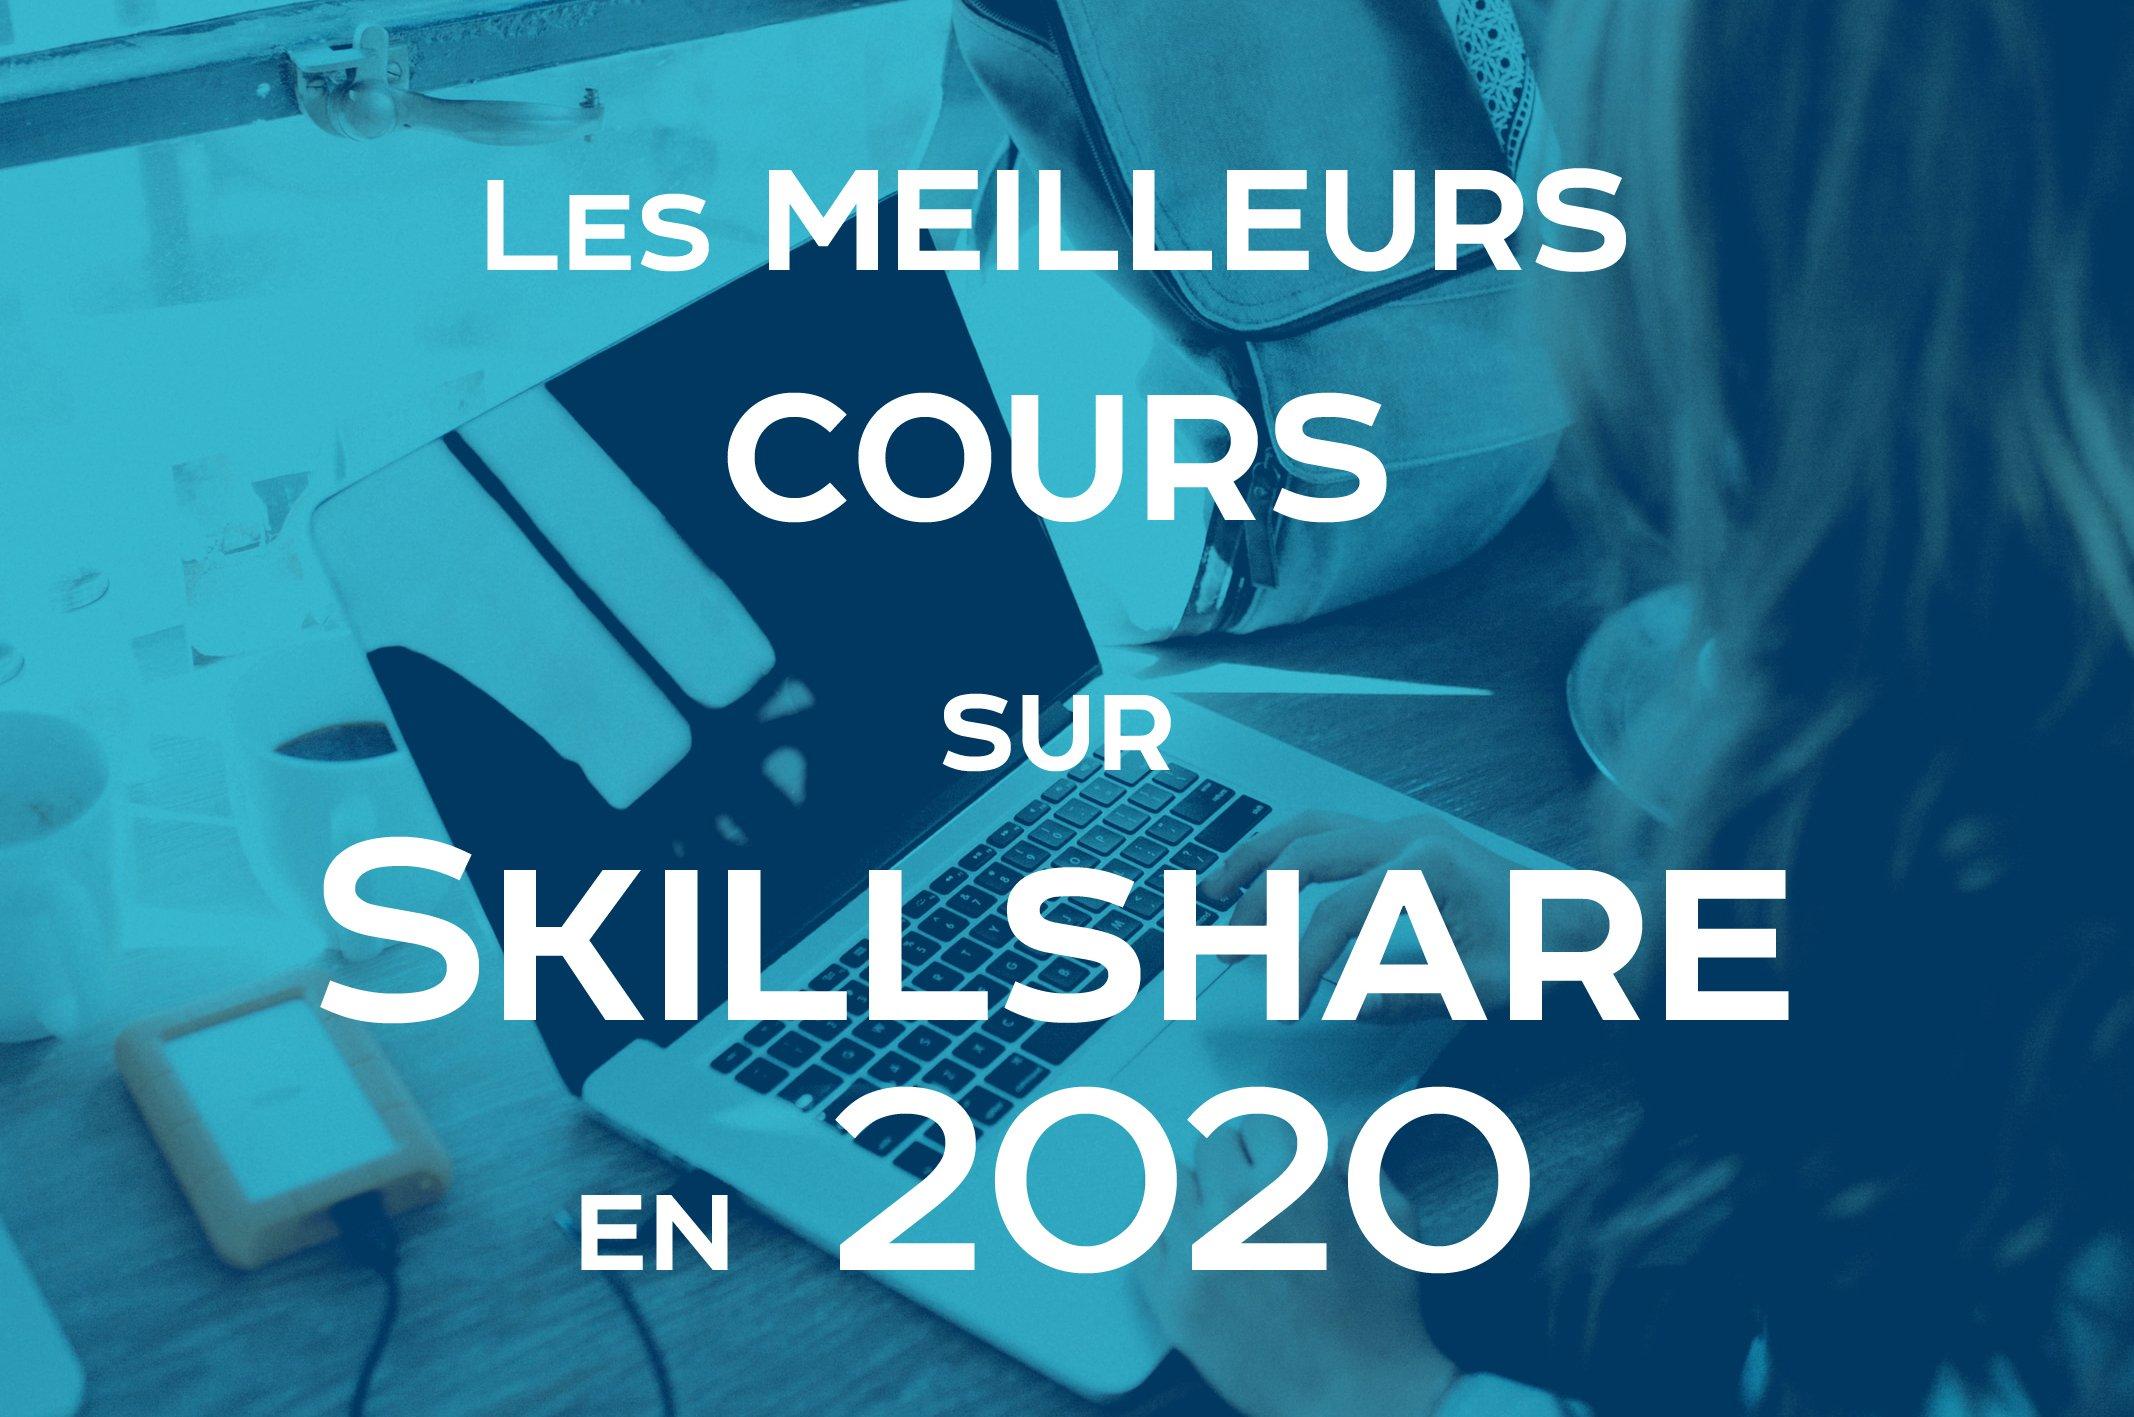 Les meilleurs cours et classes sur Skillshare en 2020